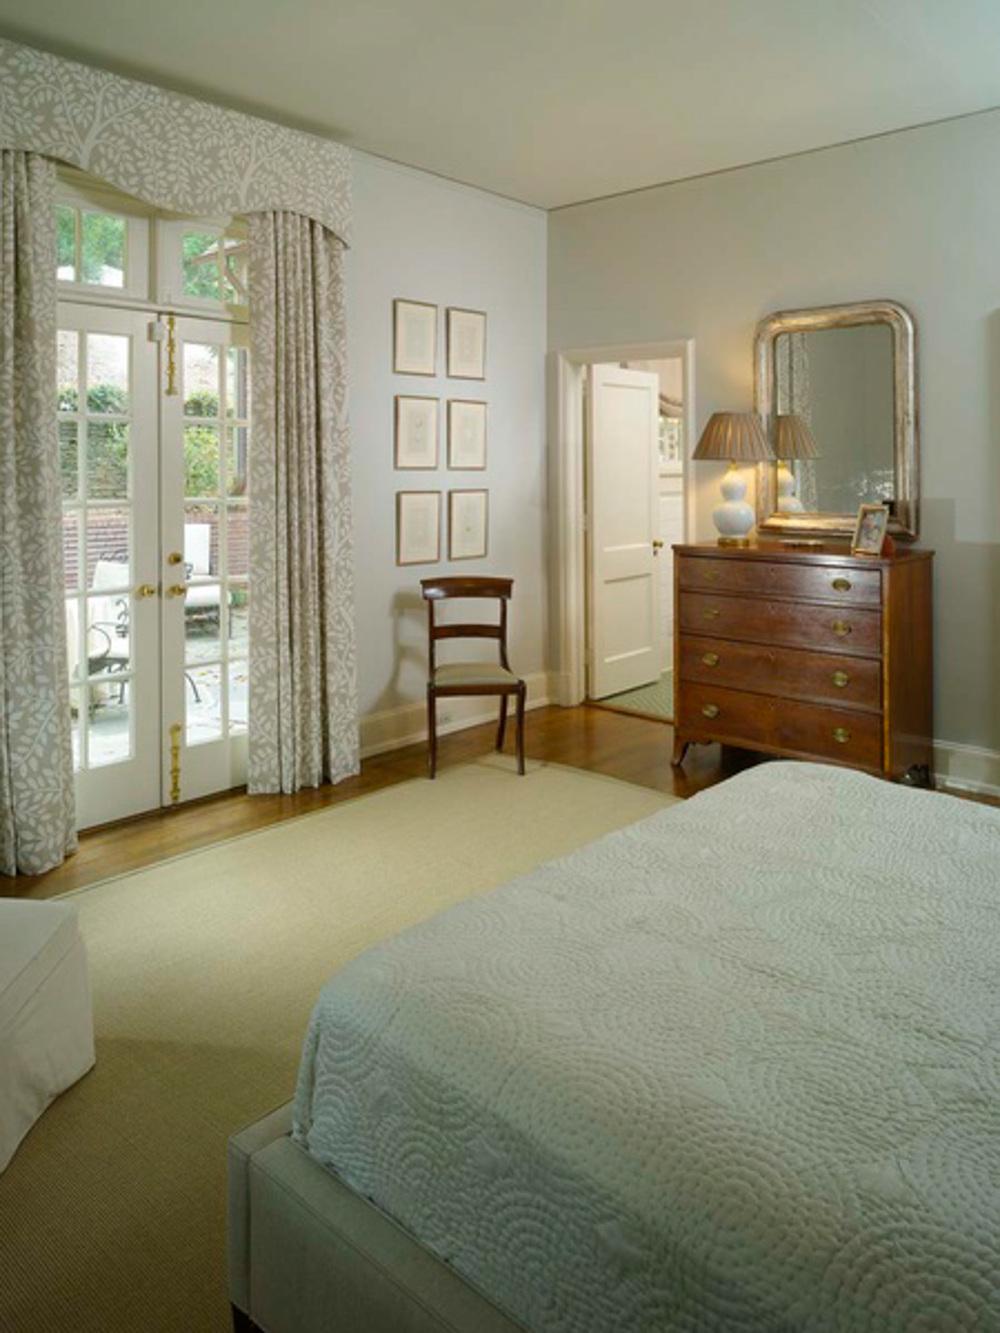 Habersham-Residence-Guest-Bedroom-www.jpg